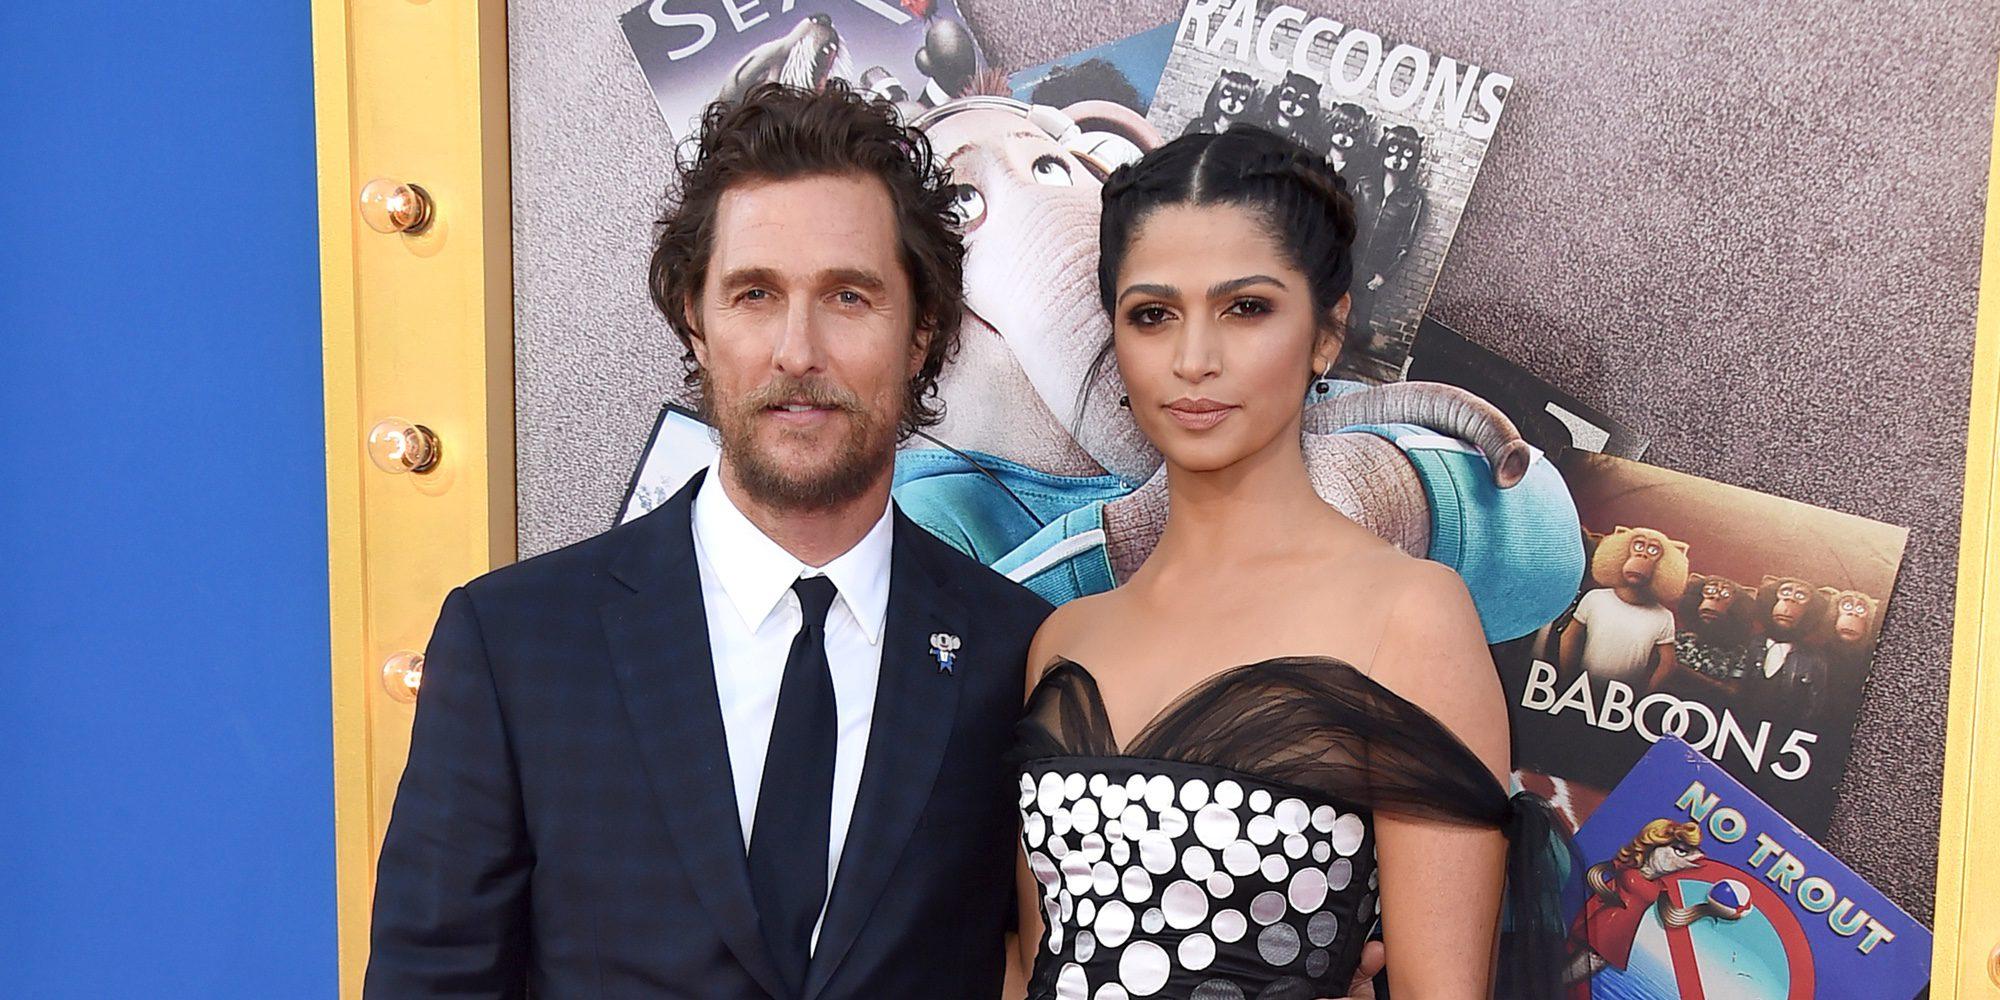 Matthew McConaughey y Camila Alves pasean su amor por la alfombra roja de la premiere de 'Sing'